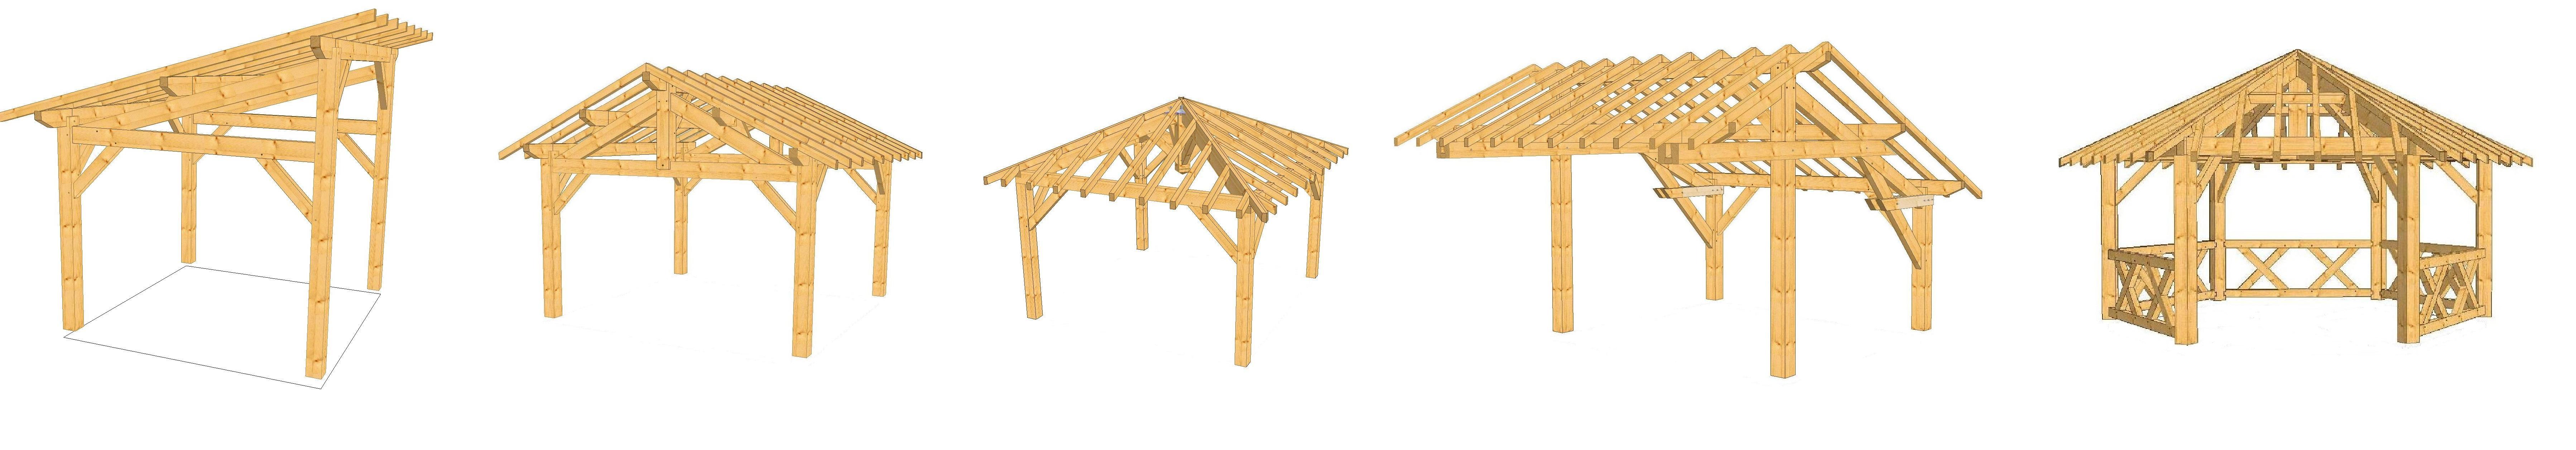 Notre Catalogue - Néobois Constructions dedans Abri Bois En Kit